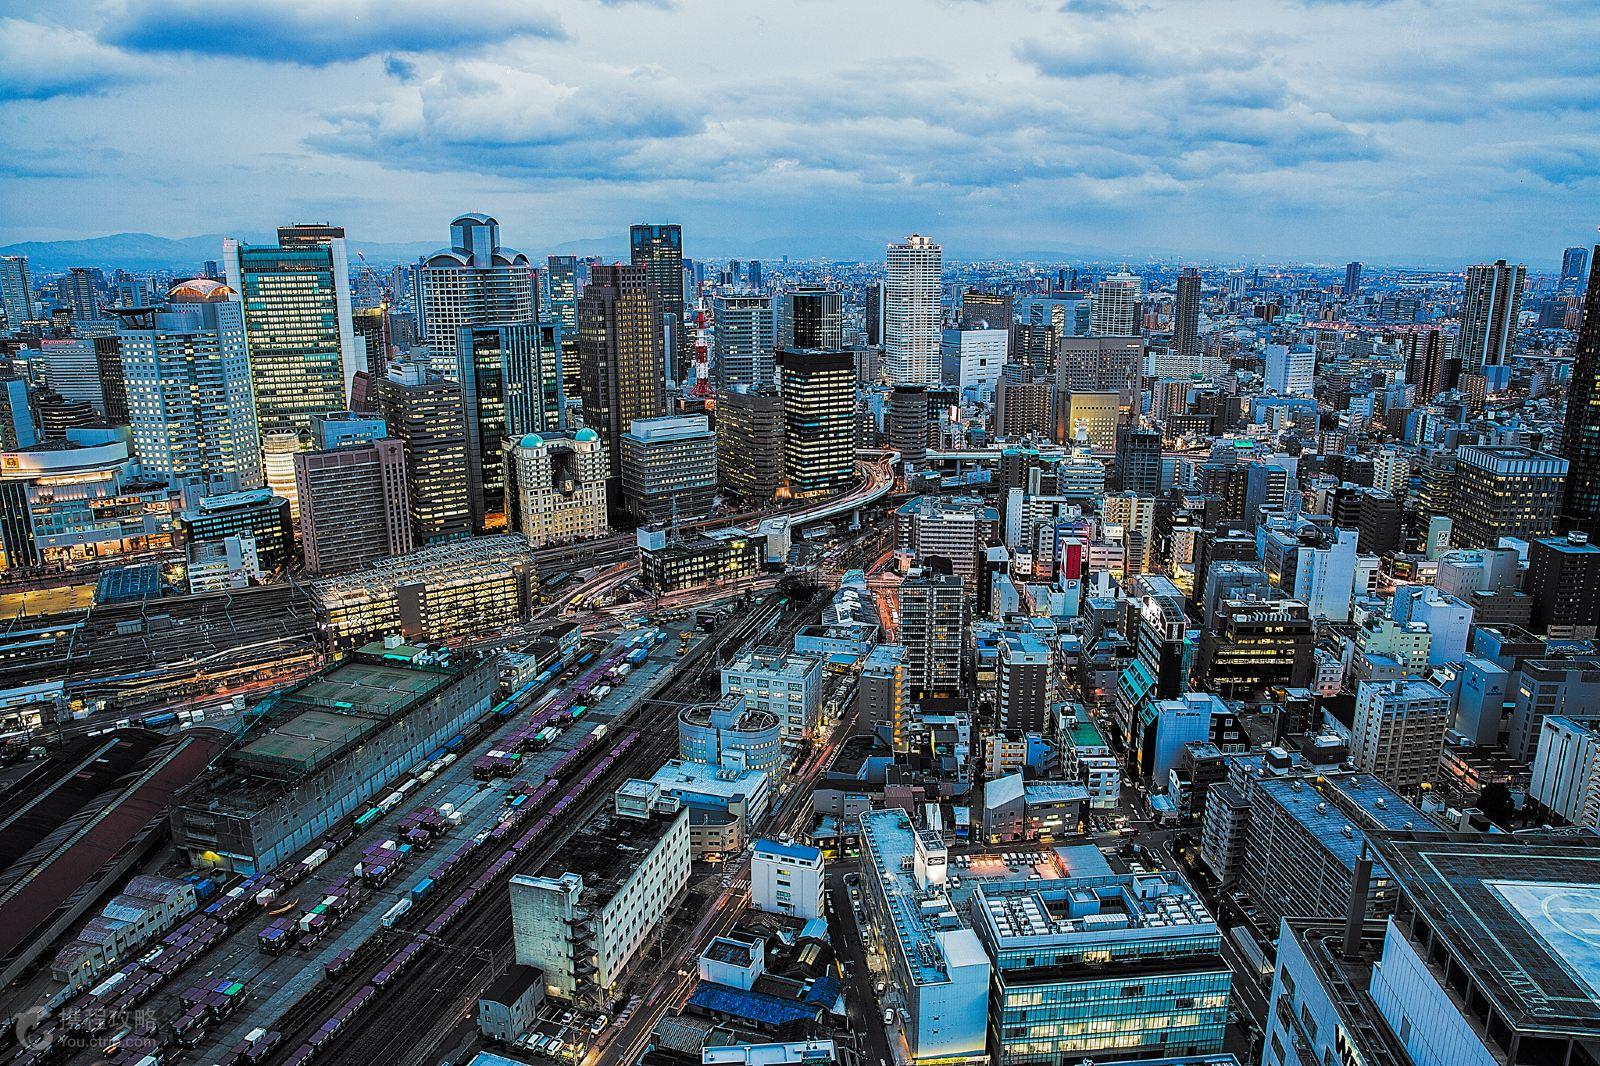 日本各县gdp_区域经济差距与基建投资 国泰君安宏观周报 20100607